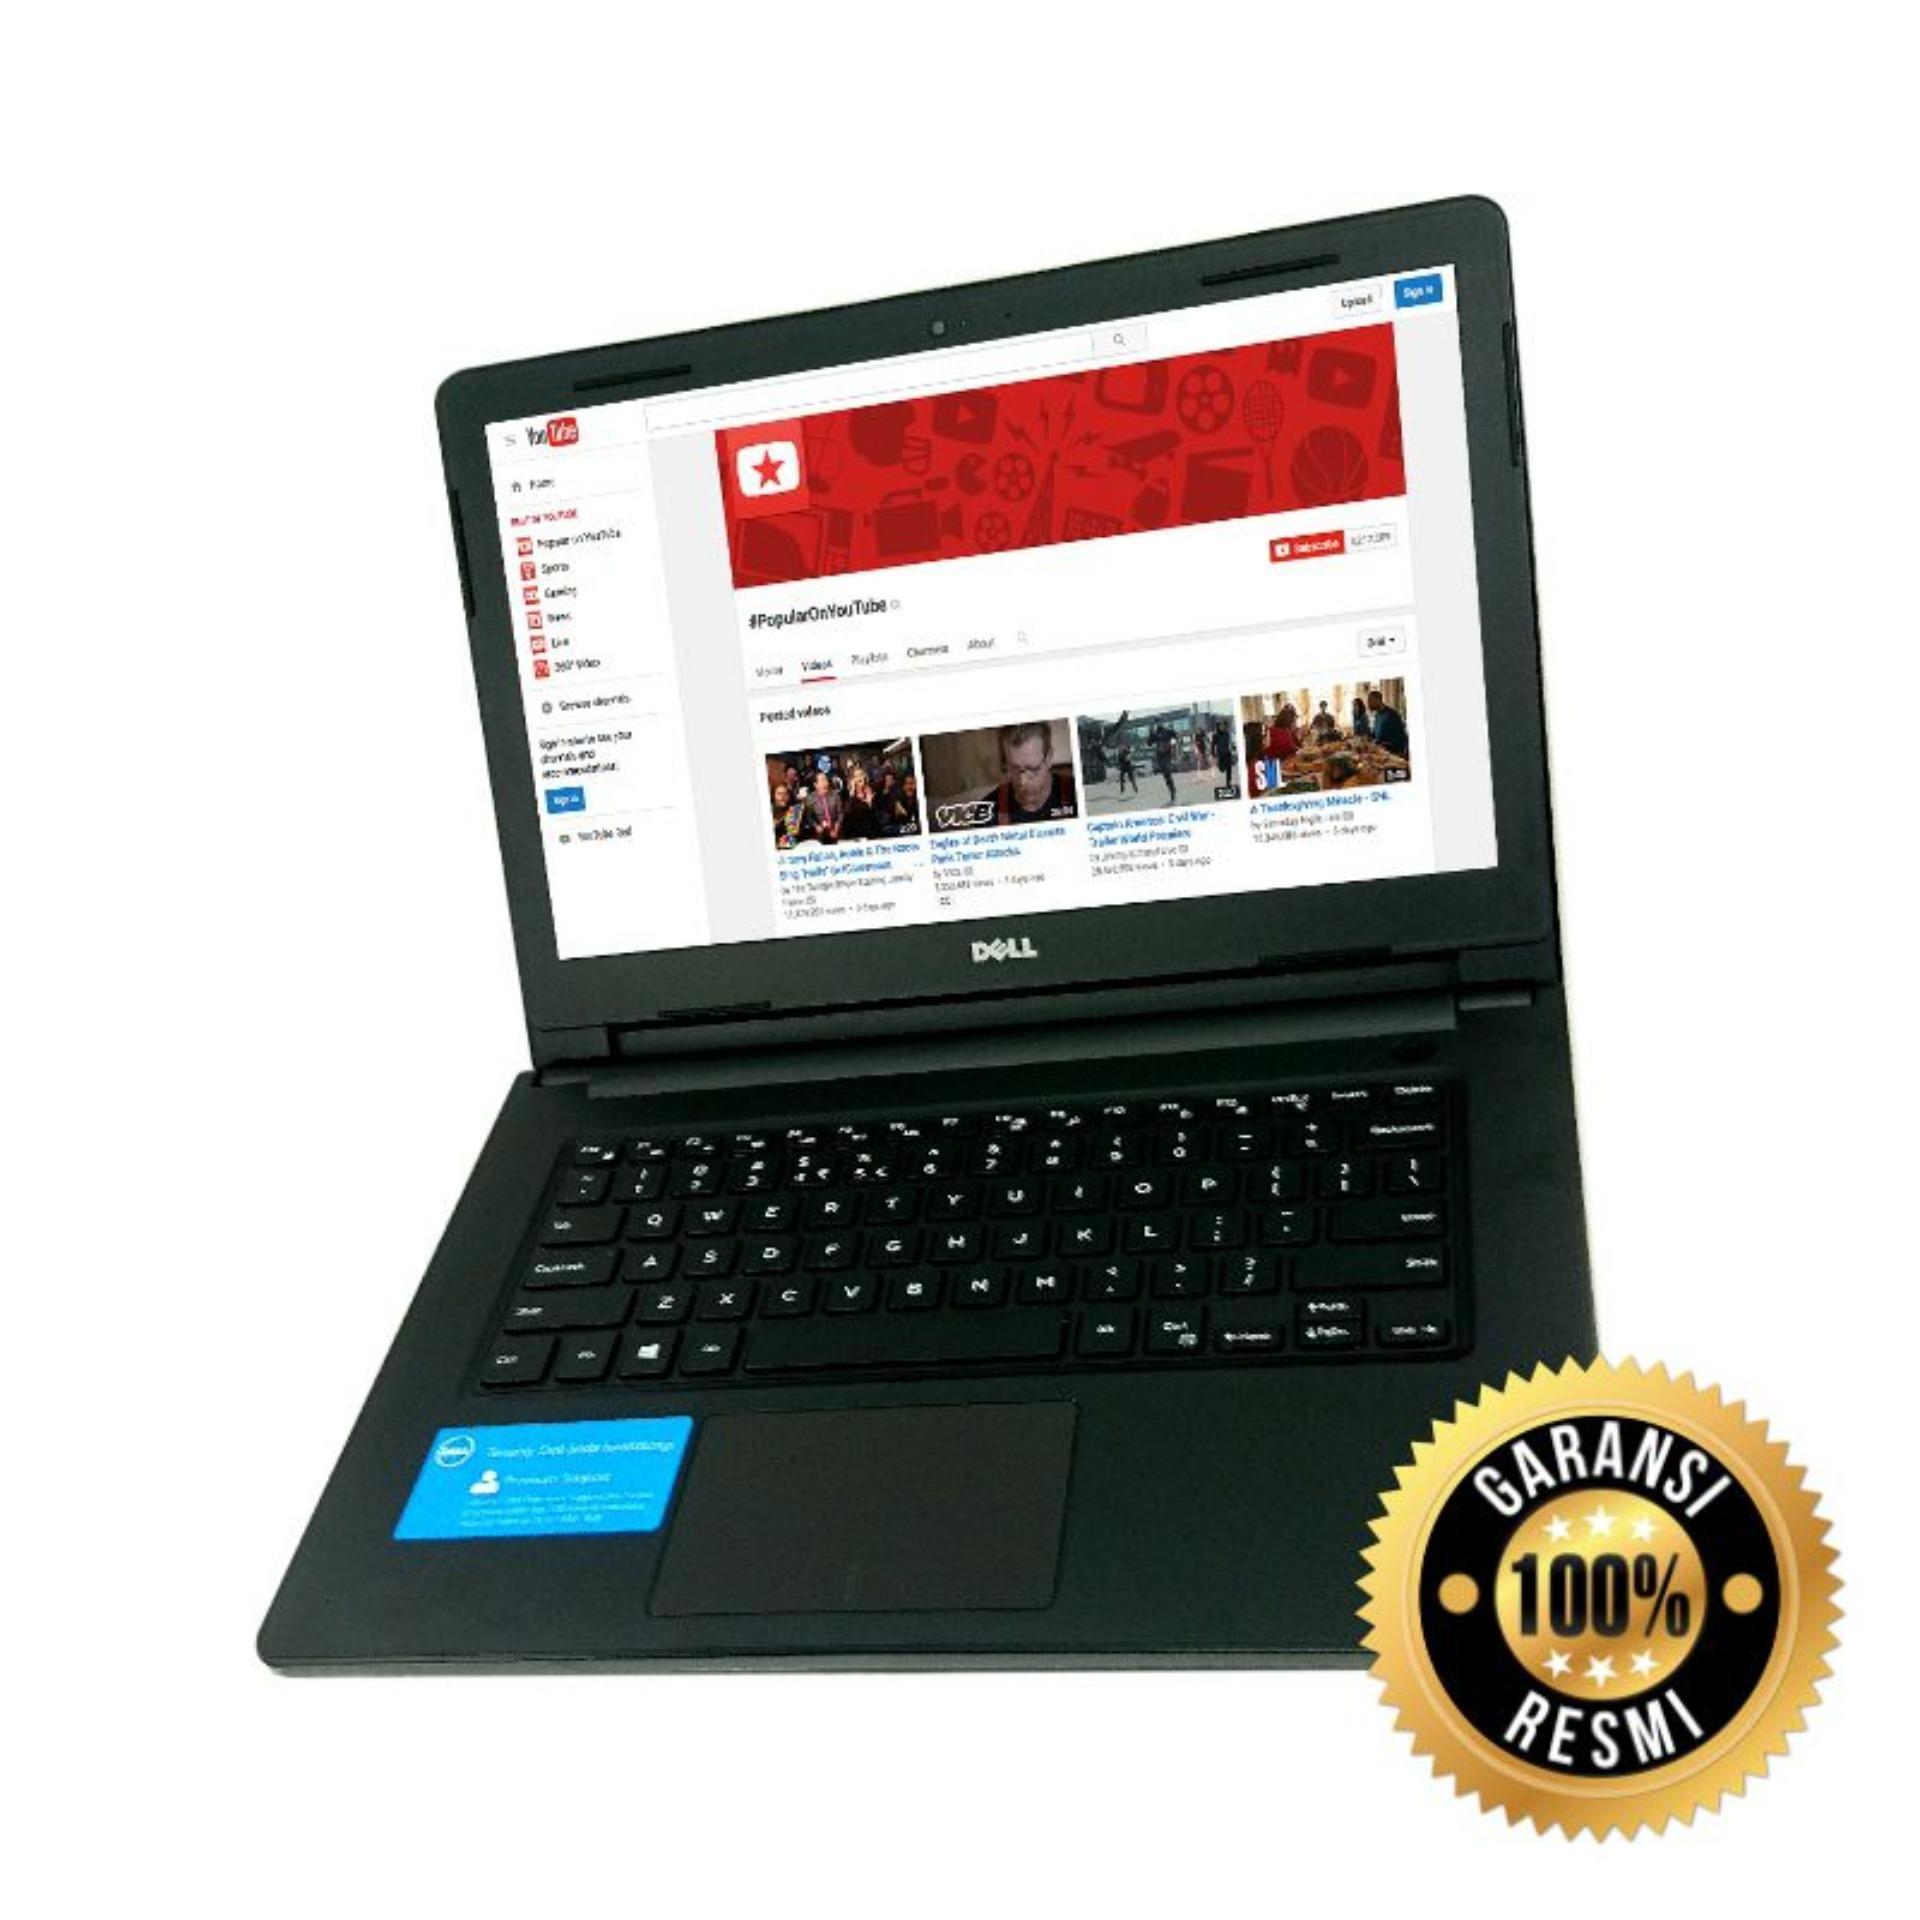 Garansi Resmi Dell Laptop Dell Inspiron 3462 Intel 3350 4GB 500GB WIN 10 GARANSI